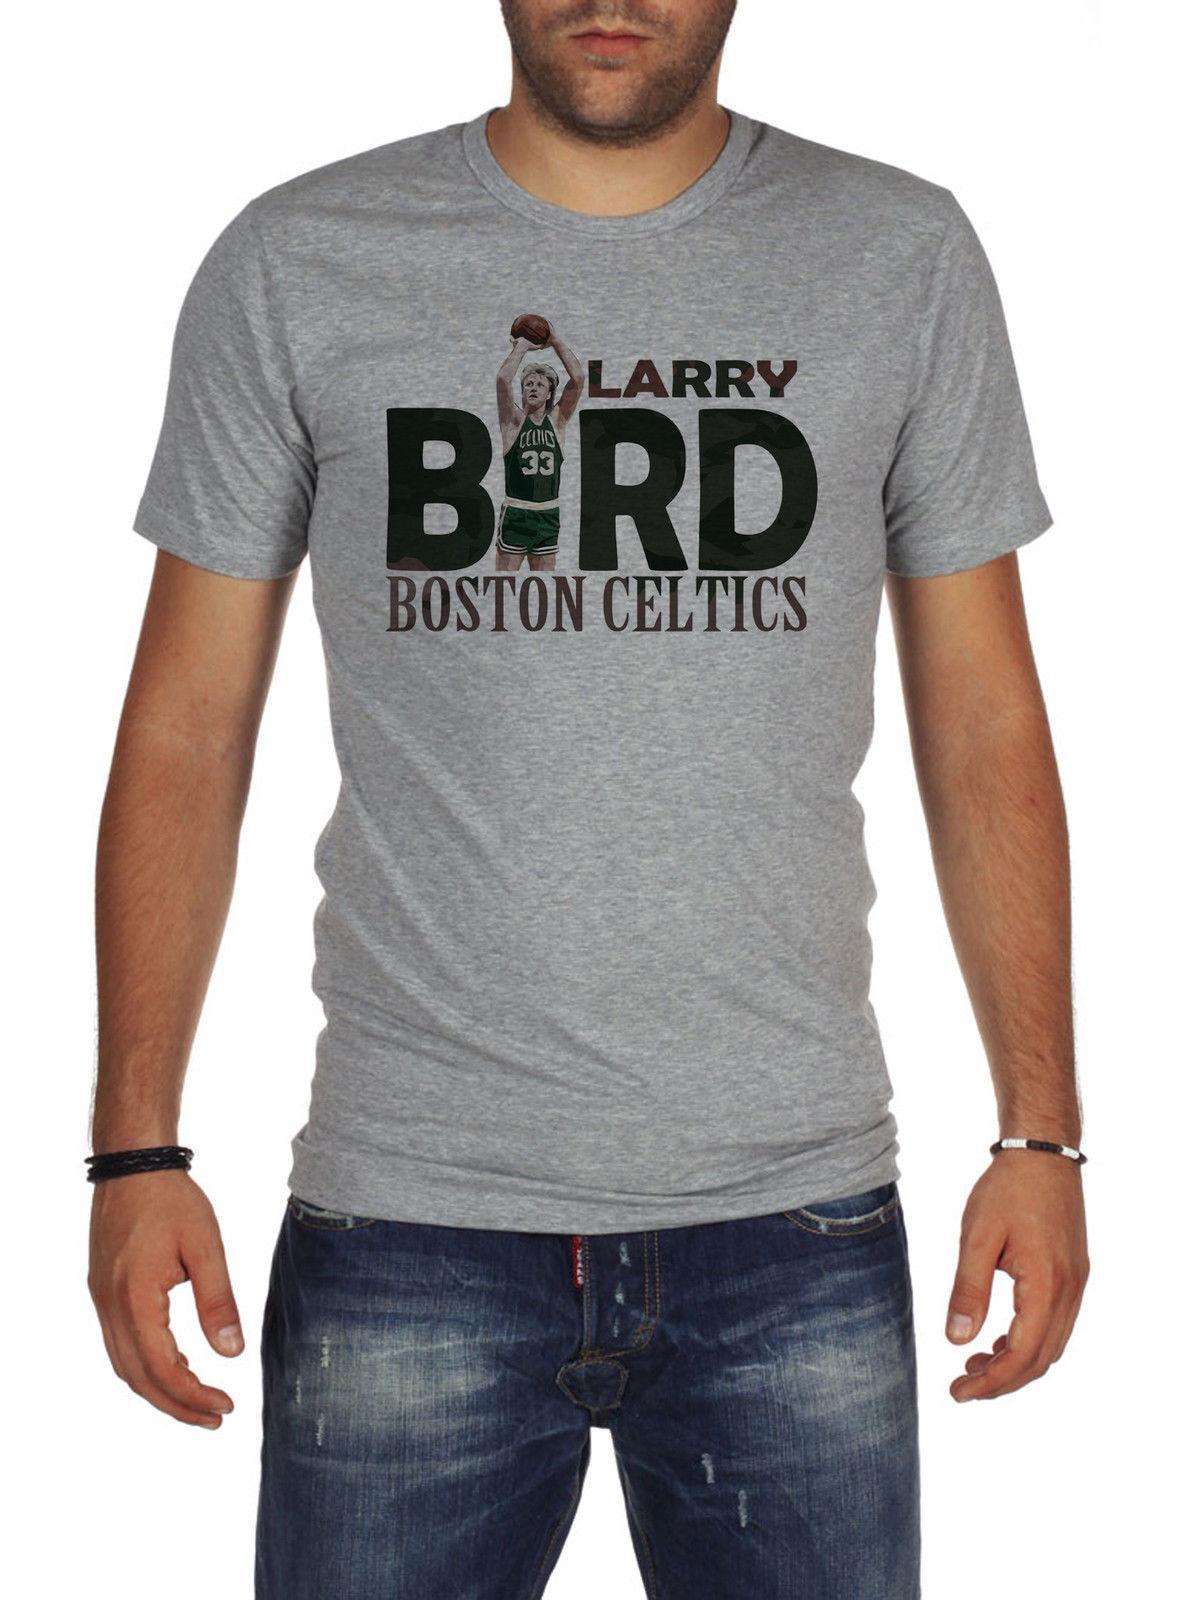 Basketballer Jersey Larry Bird The Legend M50 su ordine di buona qualità Top Design più venduti Sport Felpa con cappuccio T Shirt